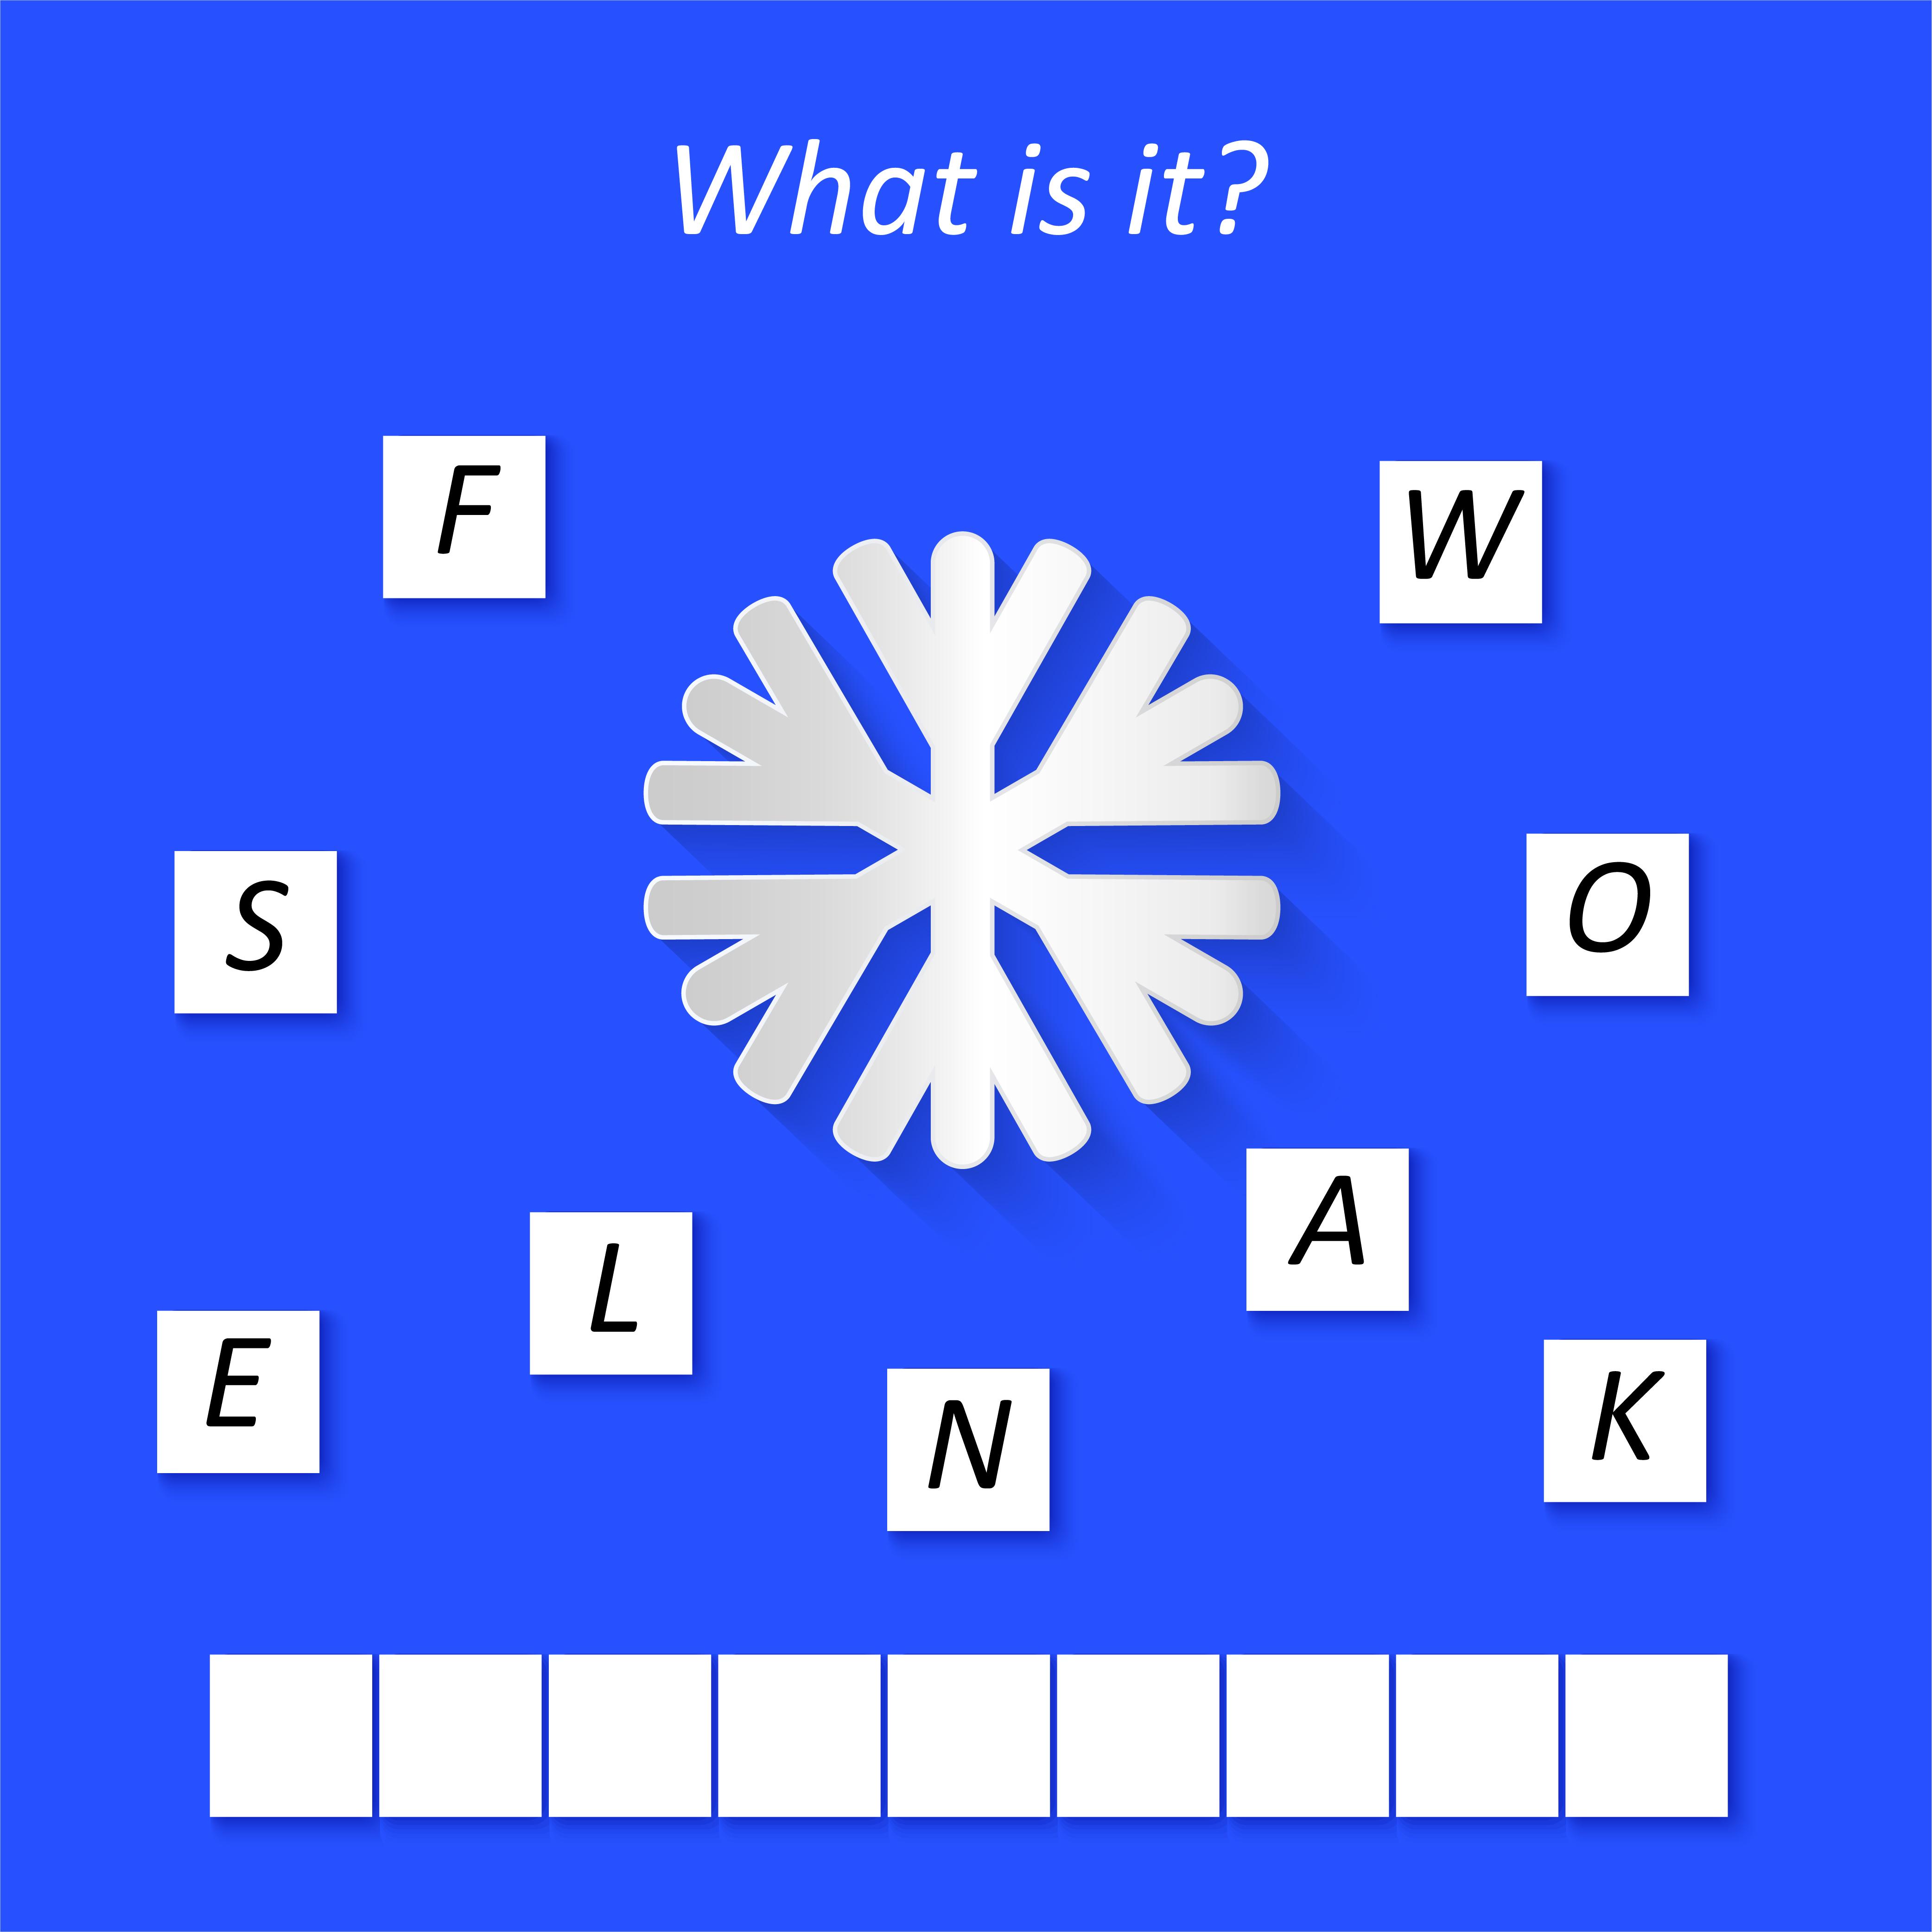 Easy preschool educational brainteasers set example image 4